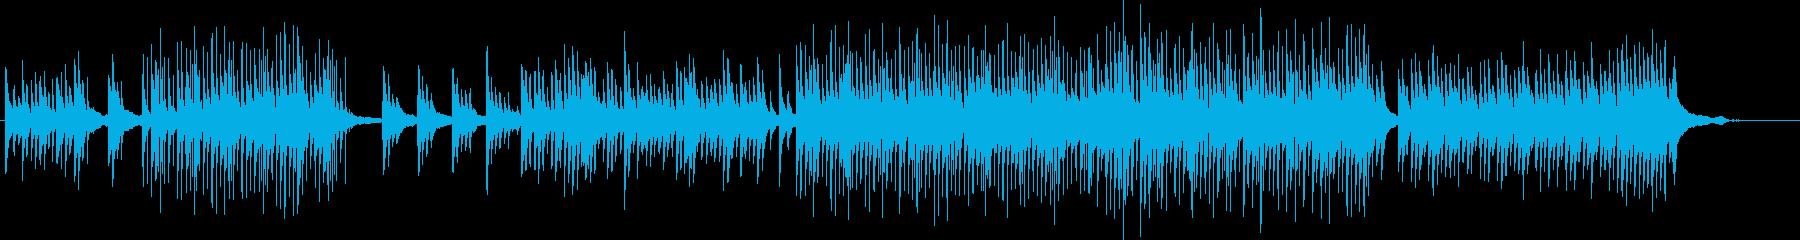 美しくミステリアスなピアノ曲の再生済みの波形